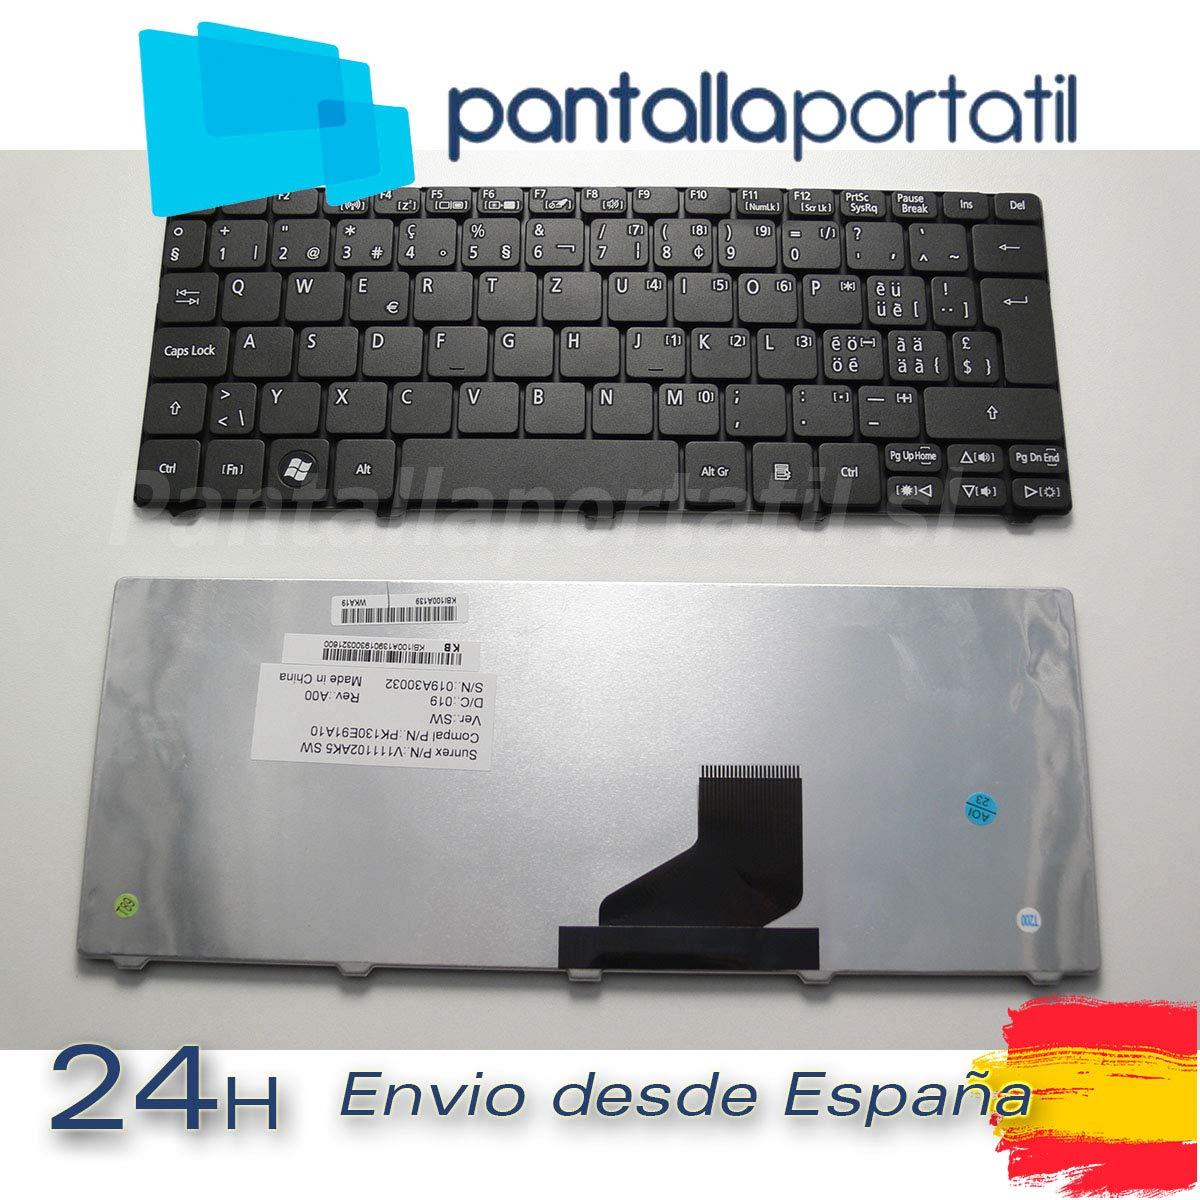 Desconocido Teclado Sueco Aspire One 533 D260 D270 D255 D257 ZH7 Sueco (Ver Foto): Amazon.es: Electrónica